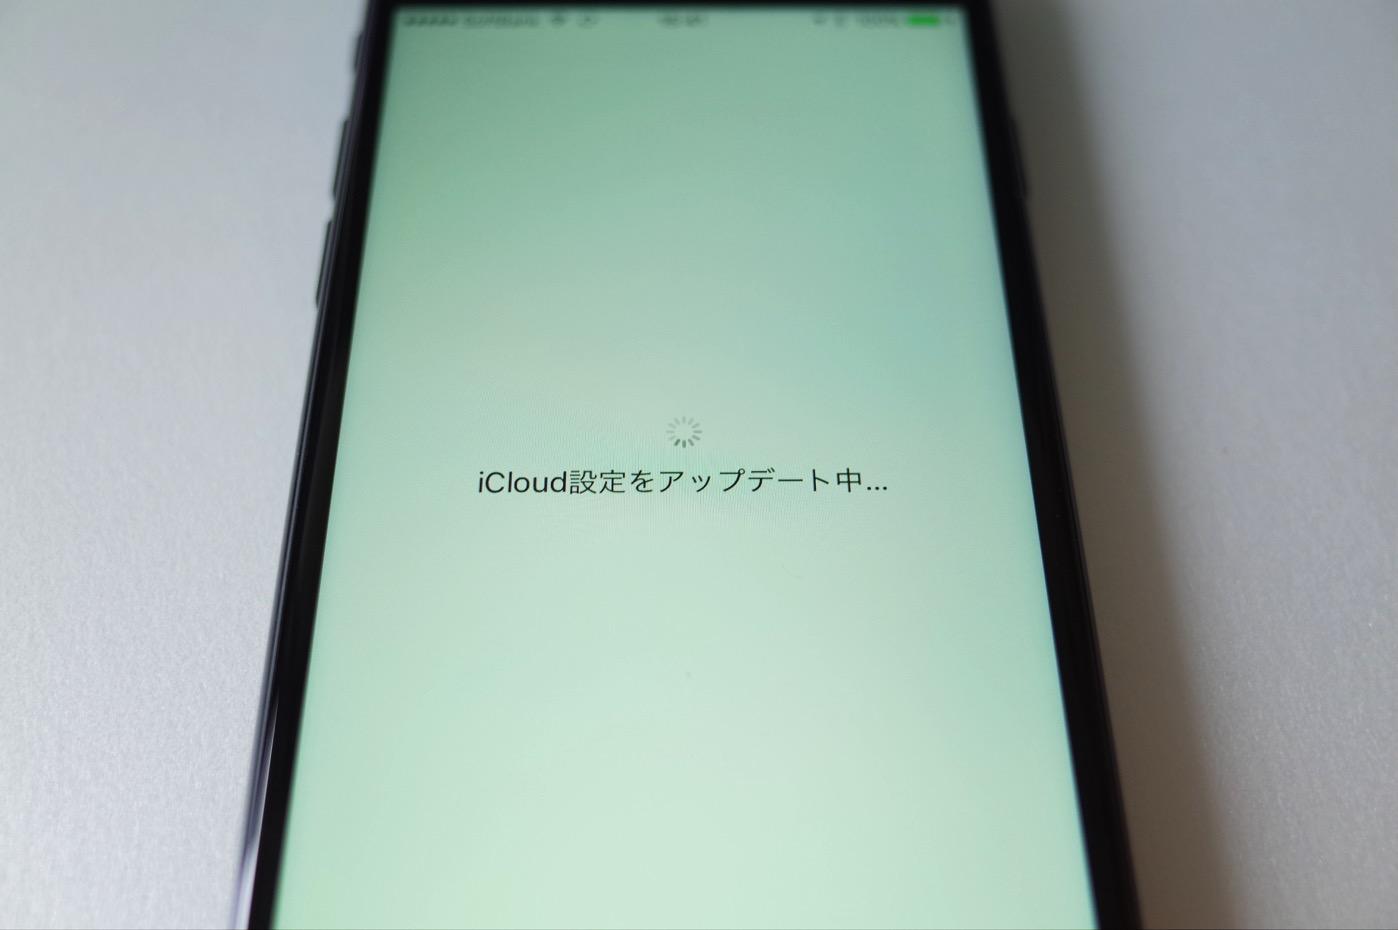 iPhone 7 ジェットブラック 256GB-24